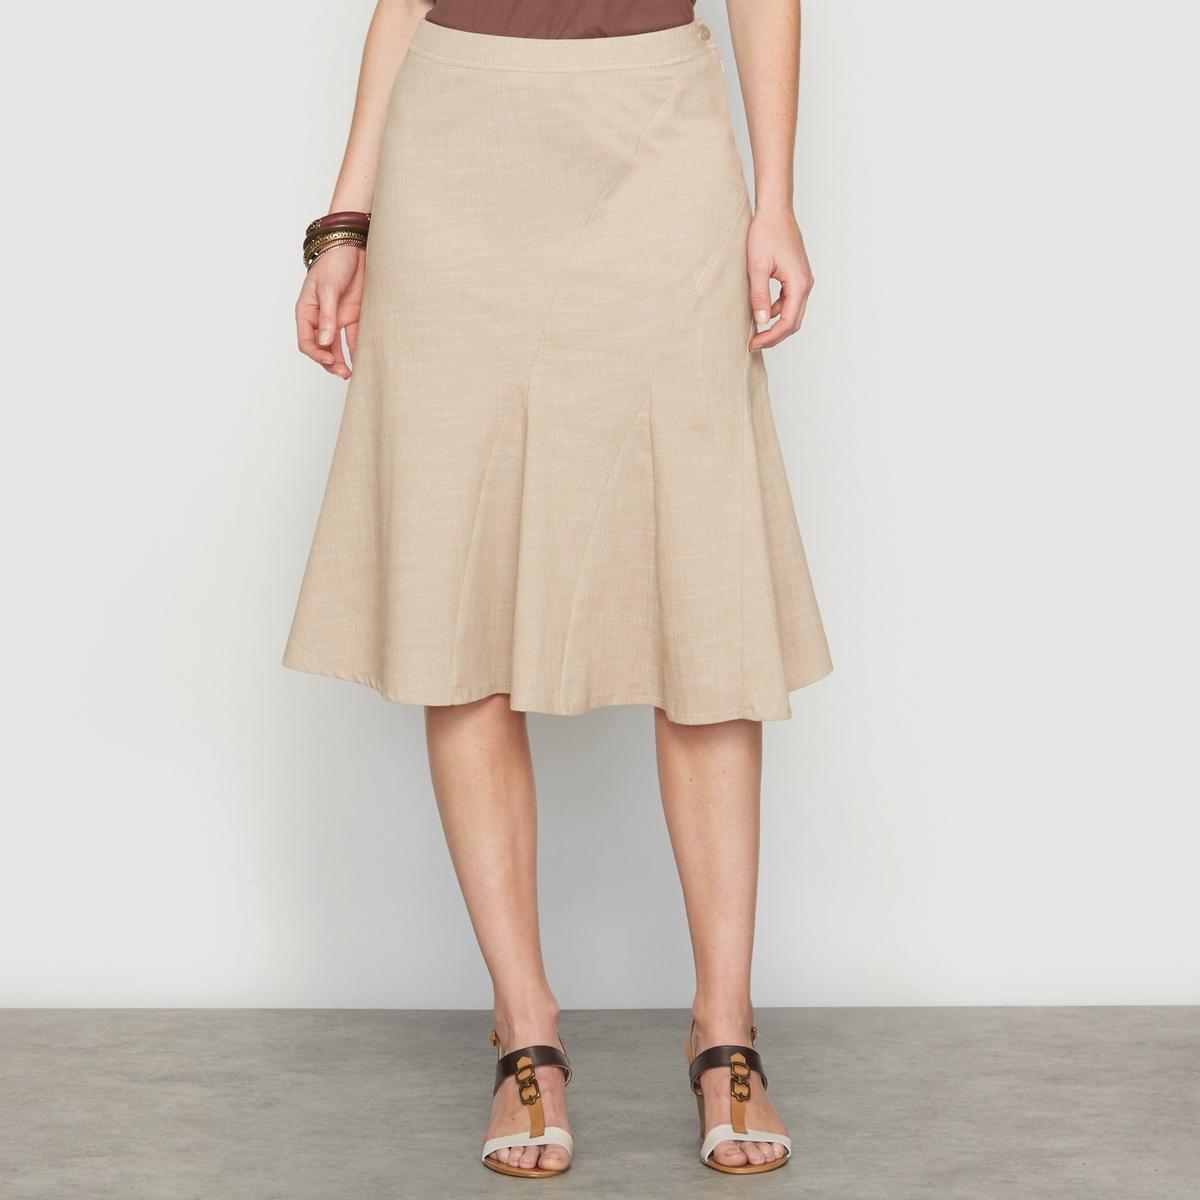 Юбка асимметричная из денима стретчАсимметричная джинсовая юбка . Пояс с невидимой застежкой на молнию и пуговицу. Оригинальные отрезные детали спереди и сзади, слегка контрастные видимые строчки. Длина . 62 см .    Ткань с преимуществами денима, но более тонкая и легкая . 62% хлопка, 37% полиэстера, 1% эластана .<br><br>Цвет: бежевый<br>Размер: 44 (FR) - 50 (RUS).46 (FR) - 52 (RUS).48 (FR) - 54 (RUS)